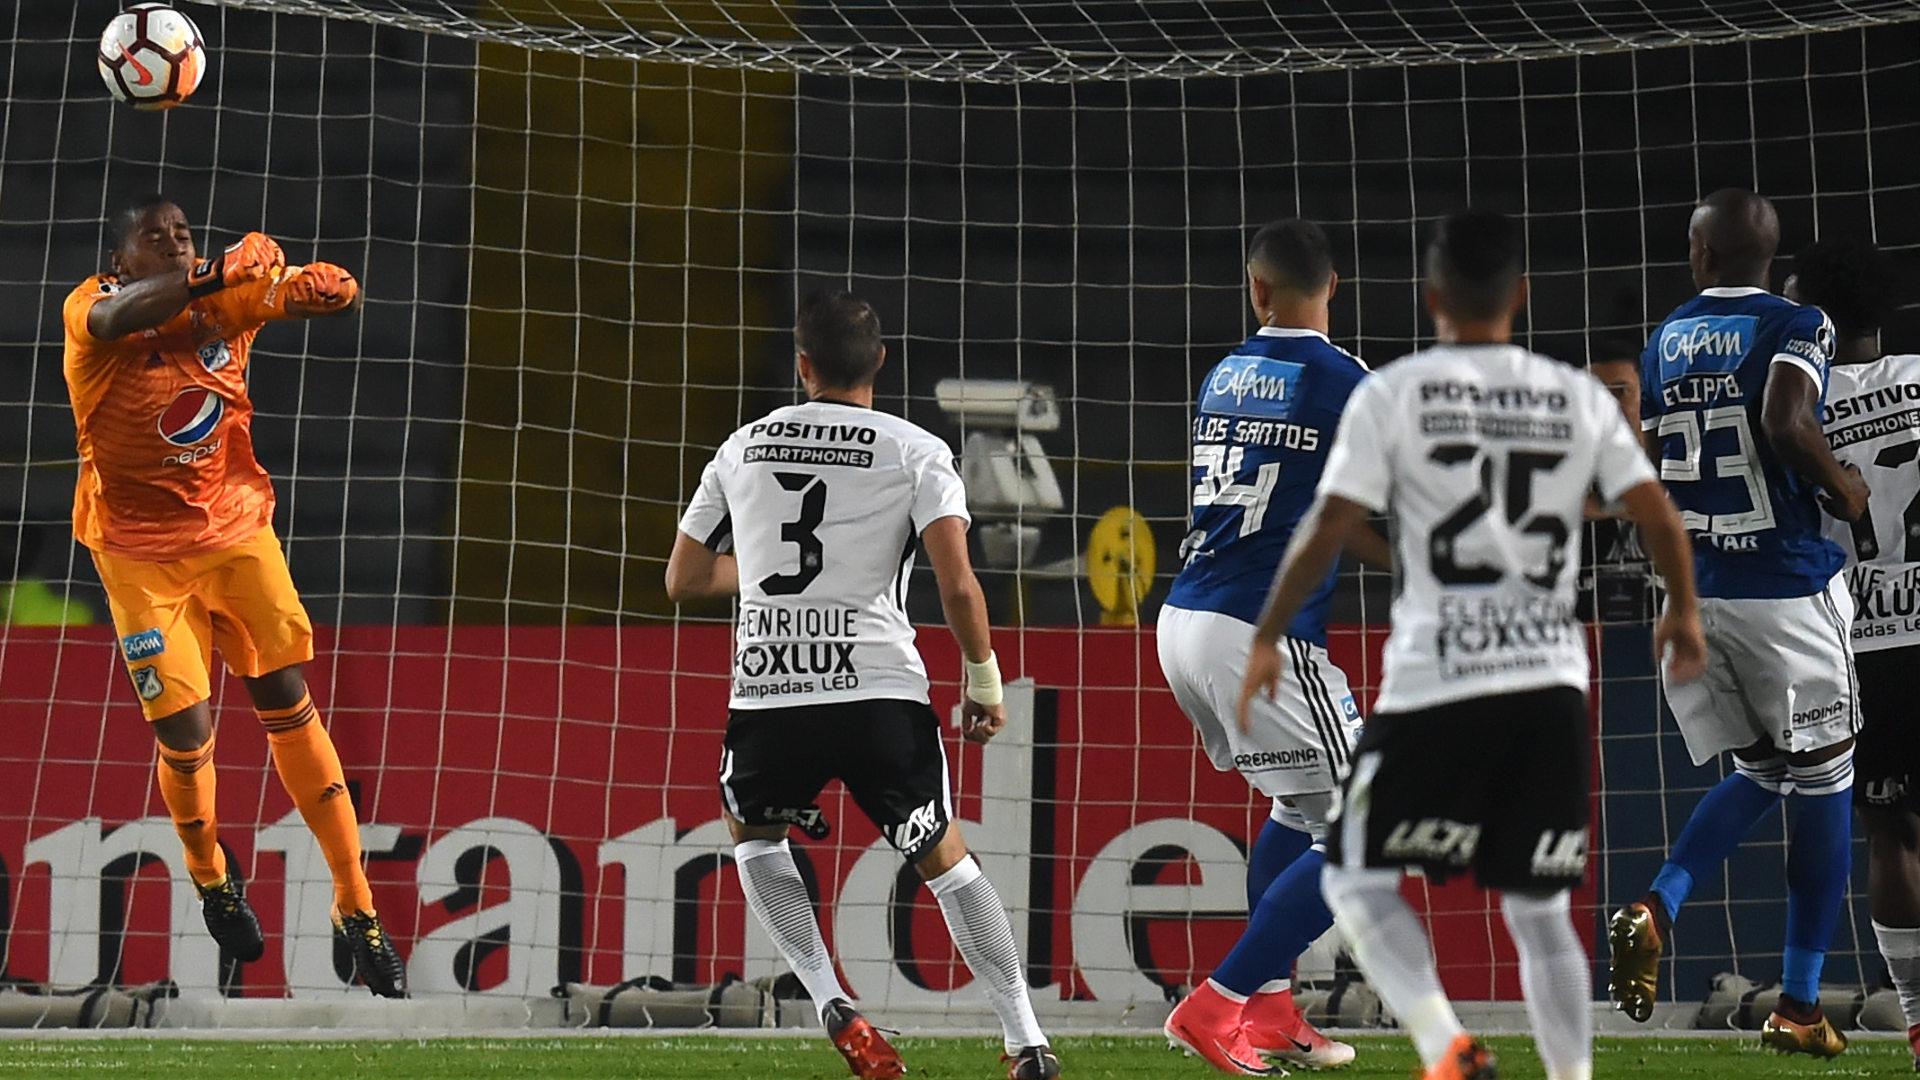 Millonarios Corinthians 28022018 Copa Libertadores